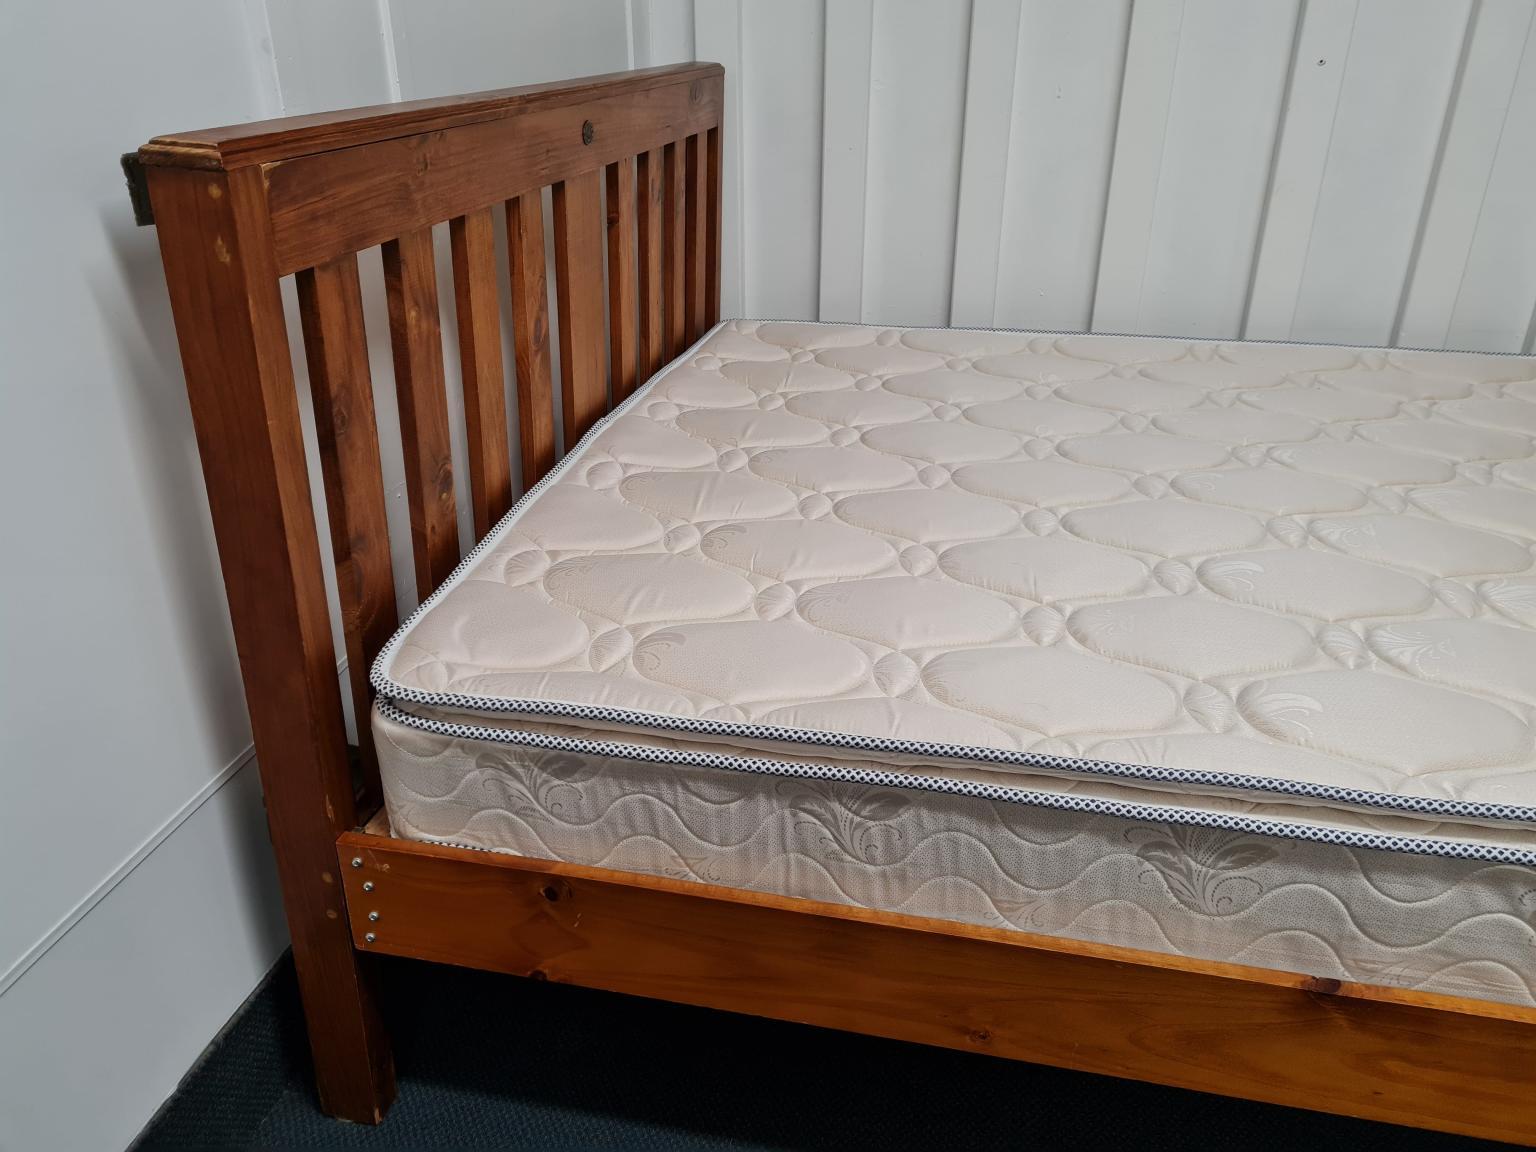 Slumberzone Queen Size Slat Bed with Headboard